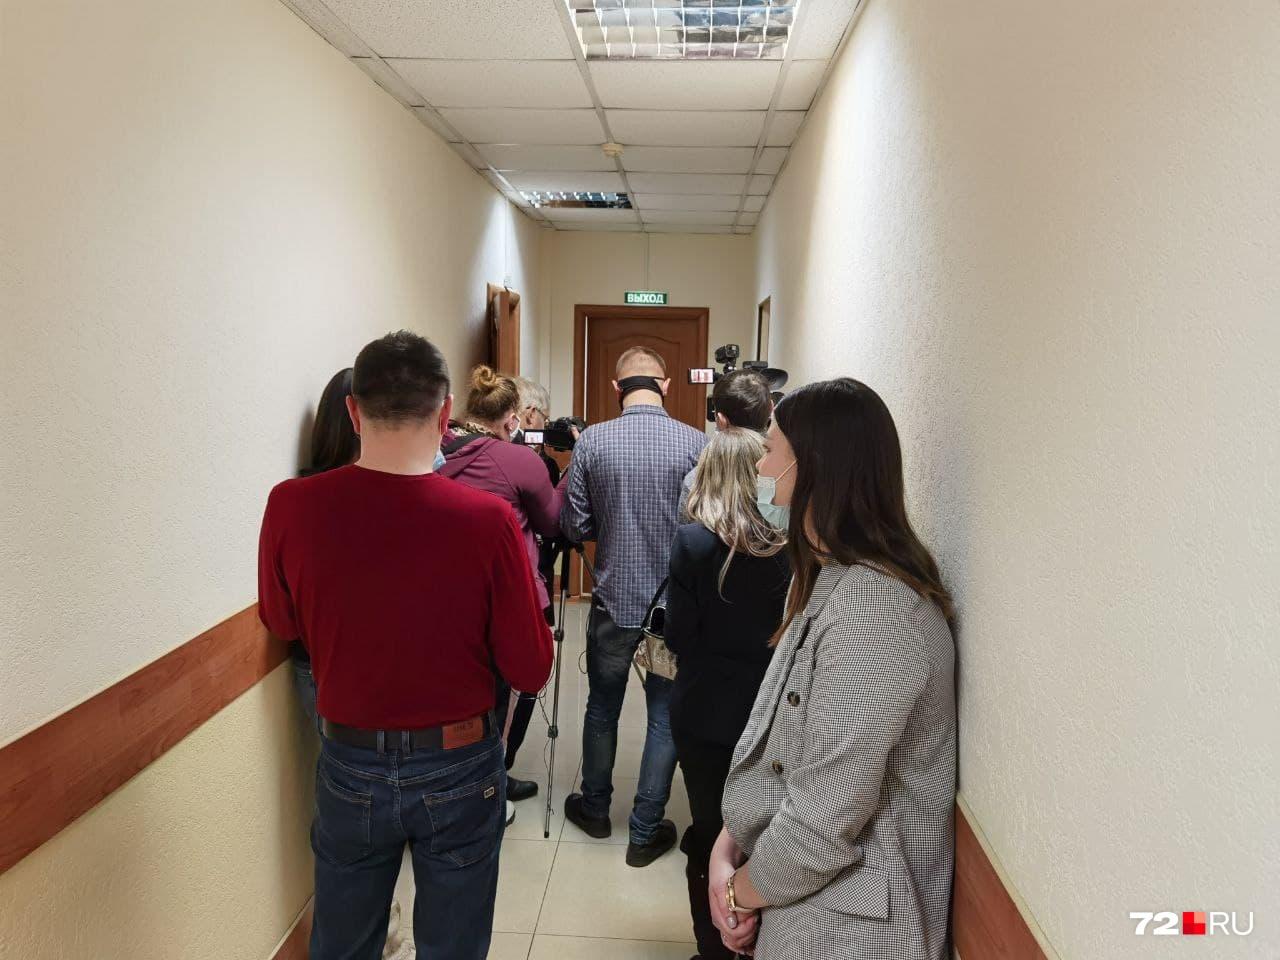 Перед входом в зал заседаний много журналистов. Раньше такого не было